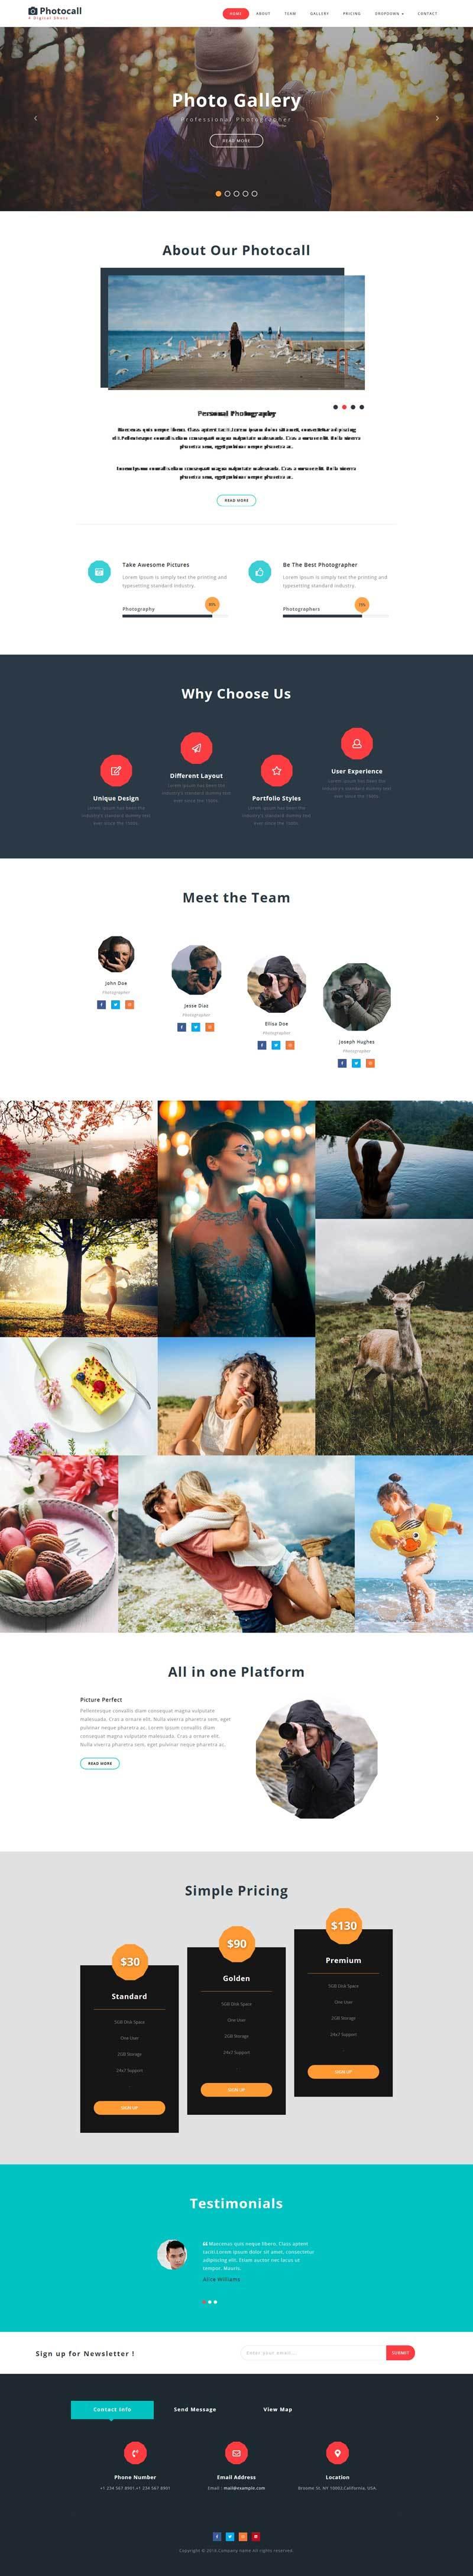 响应式的婚纱摄影写真单页展示模板